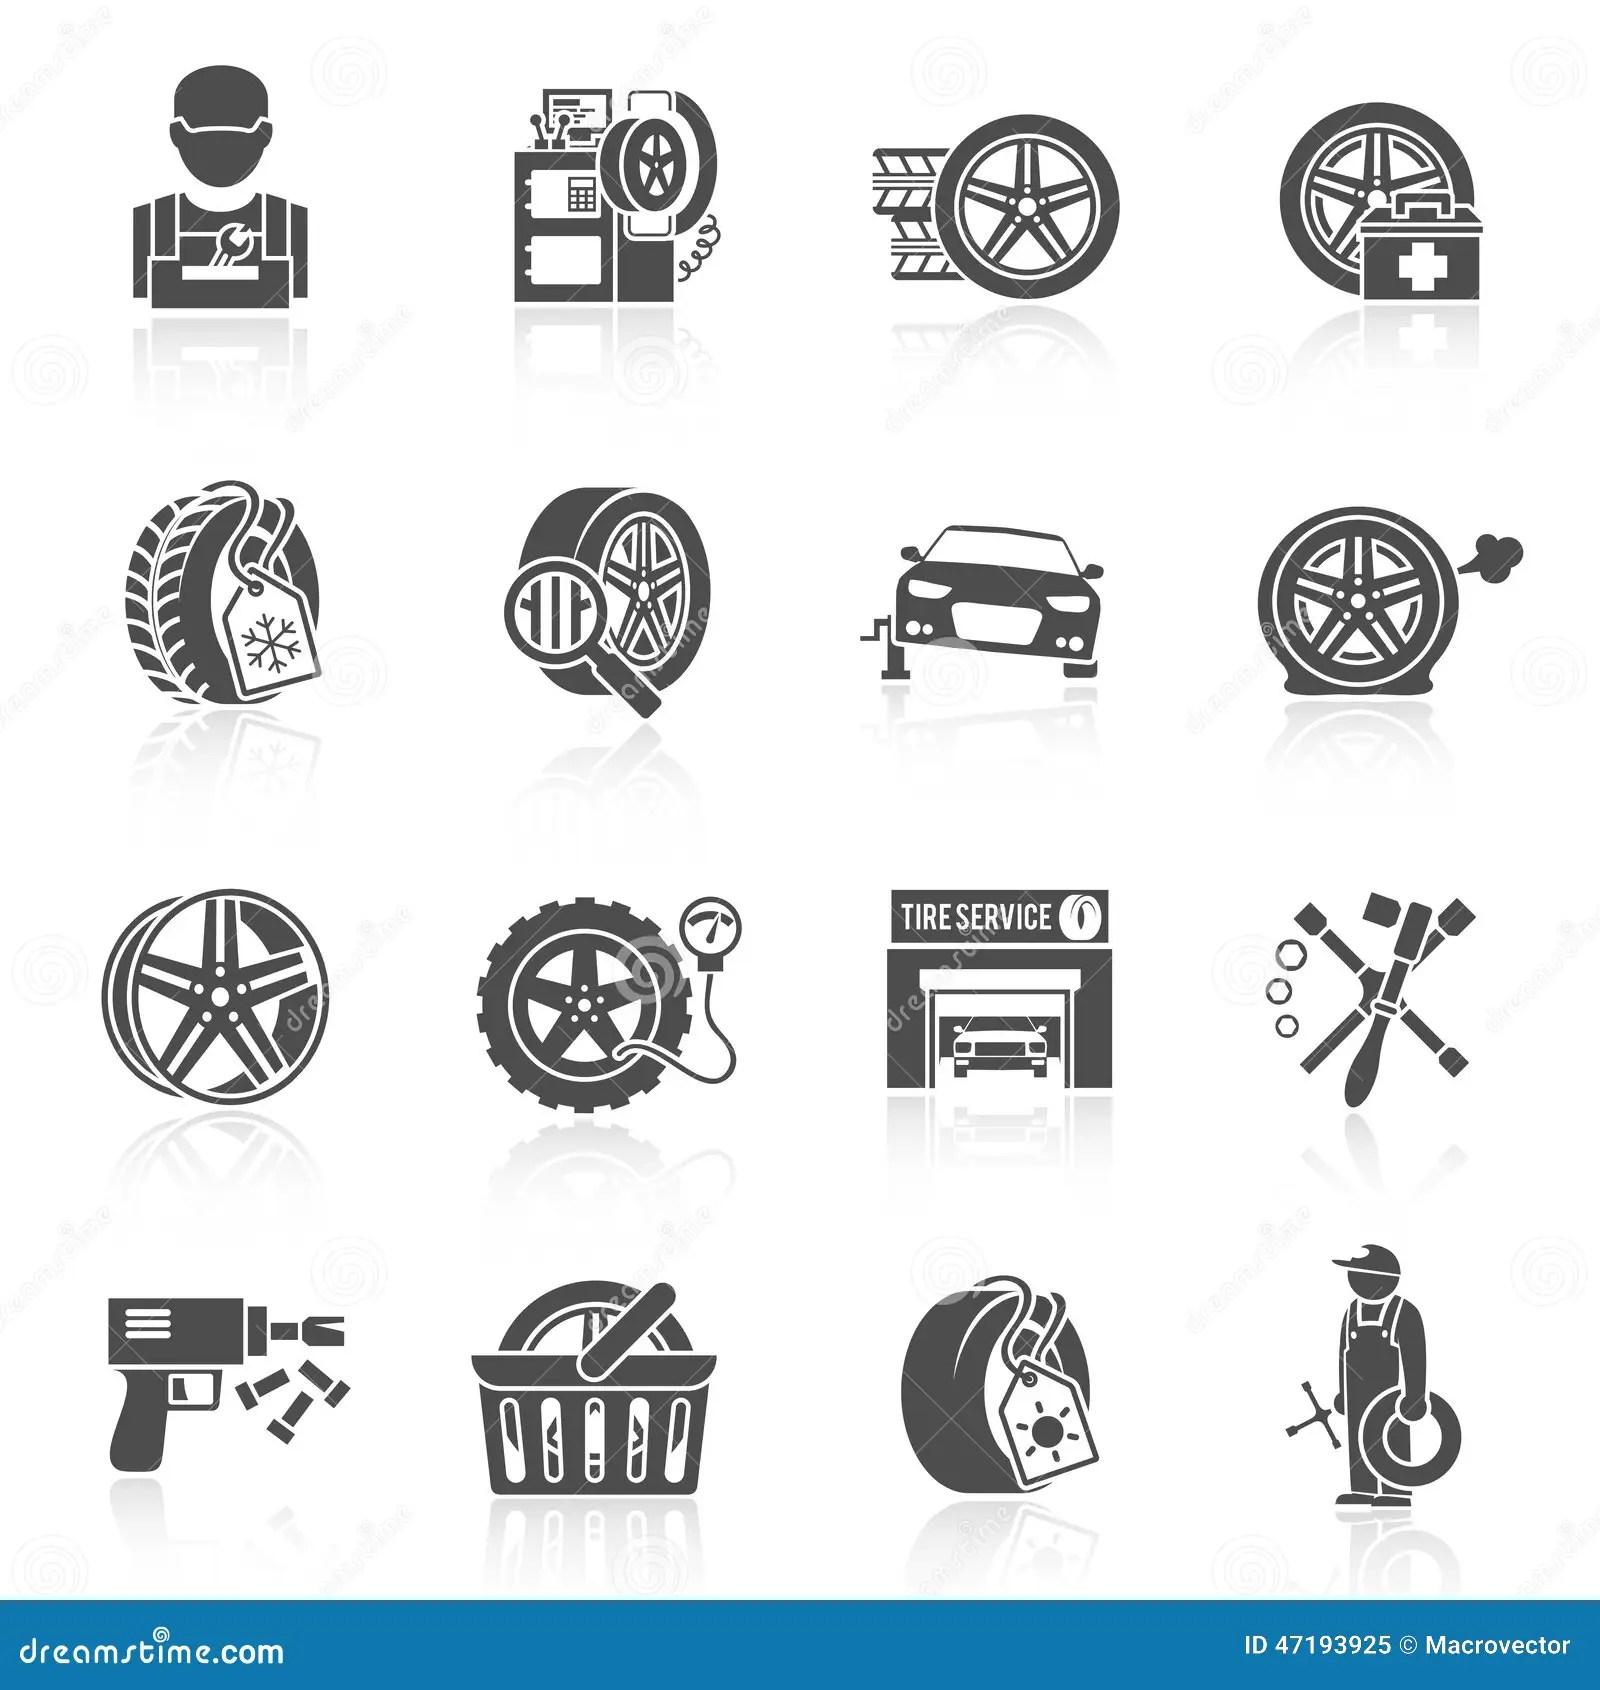 Tire Service Icon Black Stock Vector